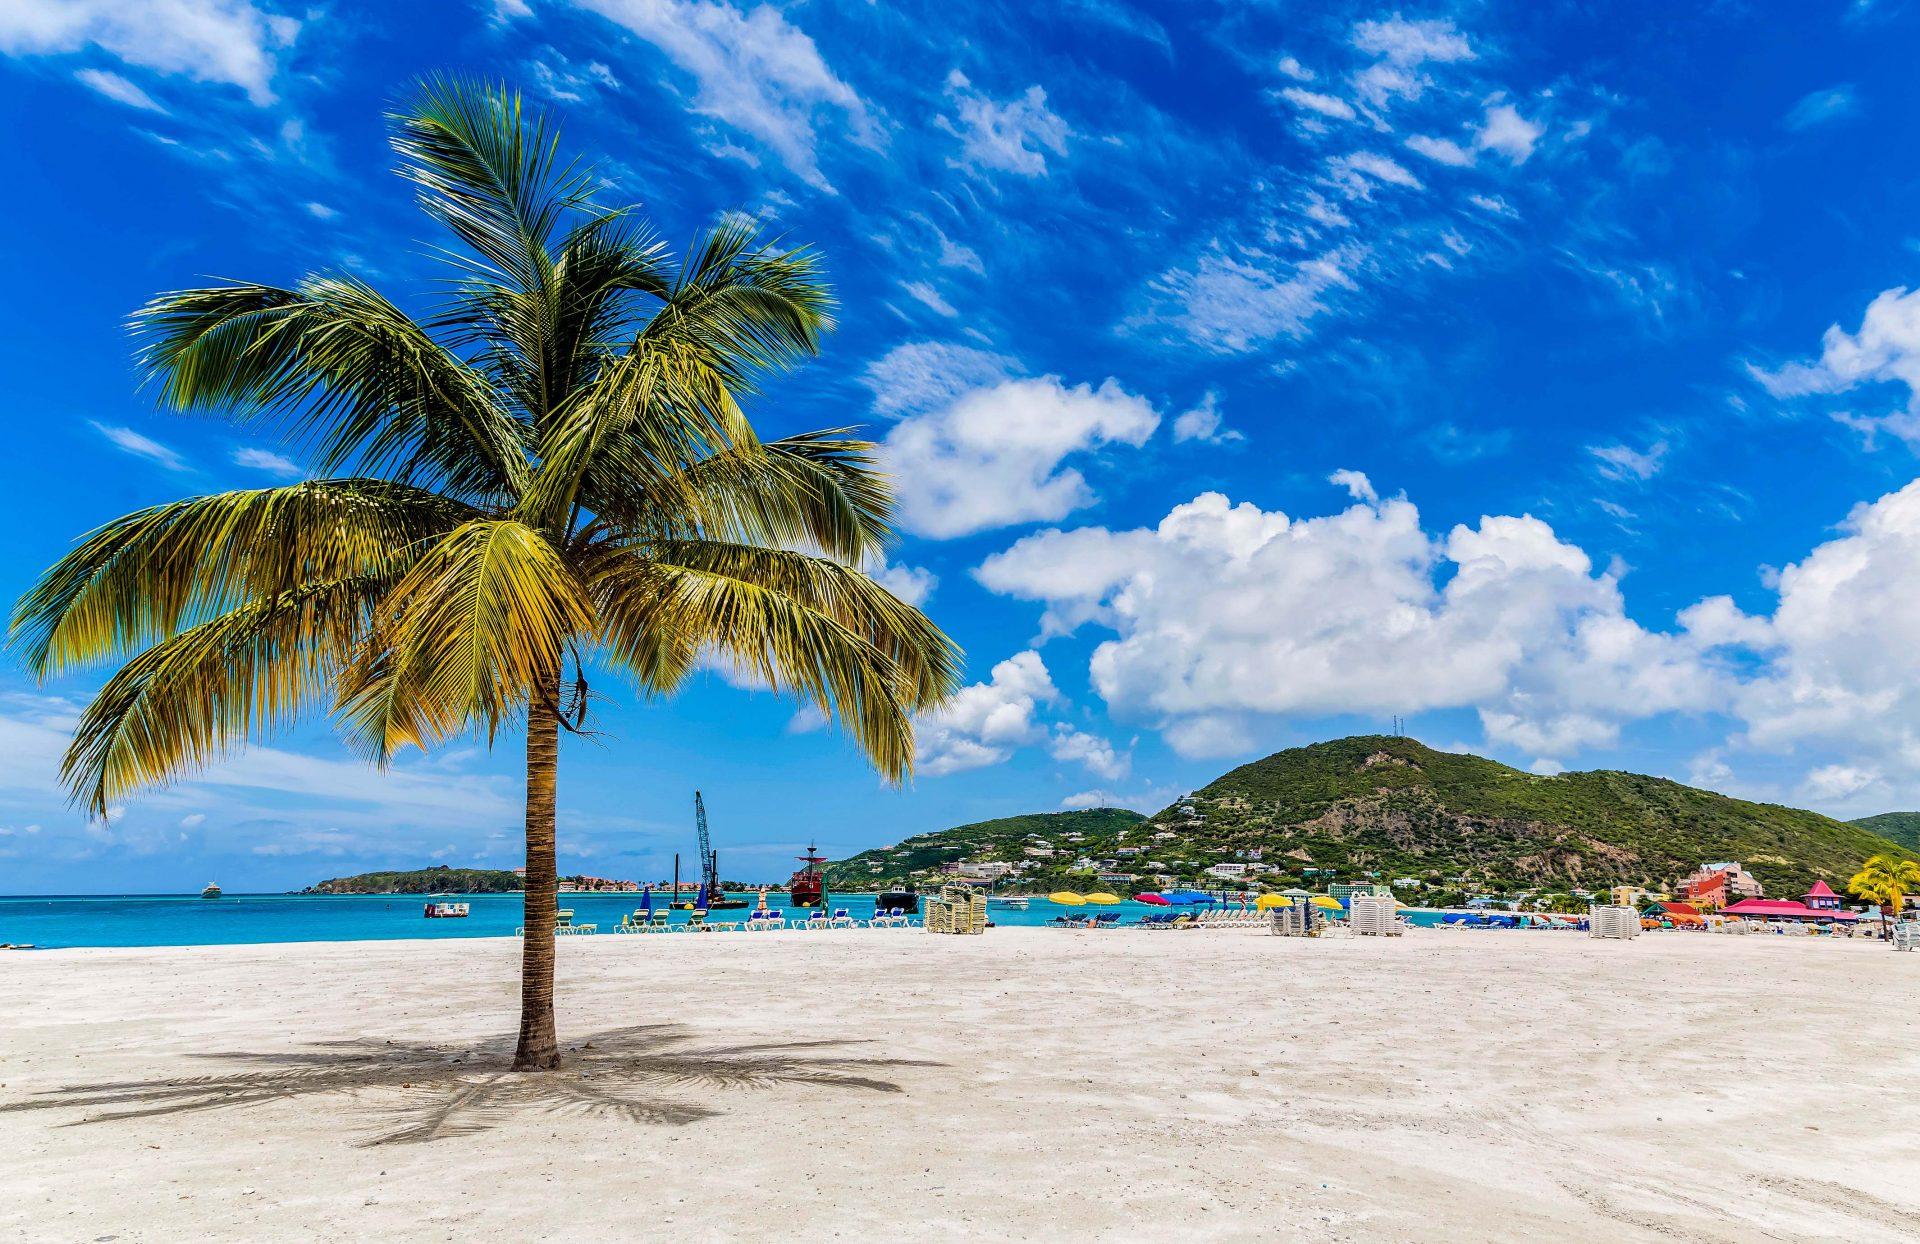 die karibische Insel St. Martin hat einige FKK Hotels